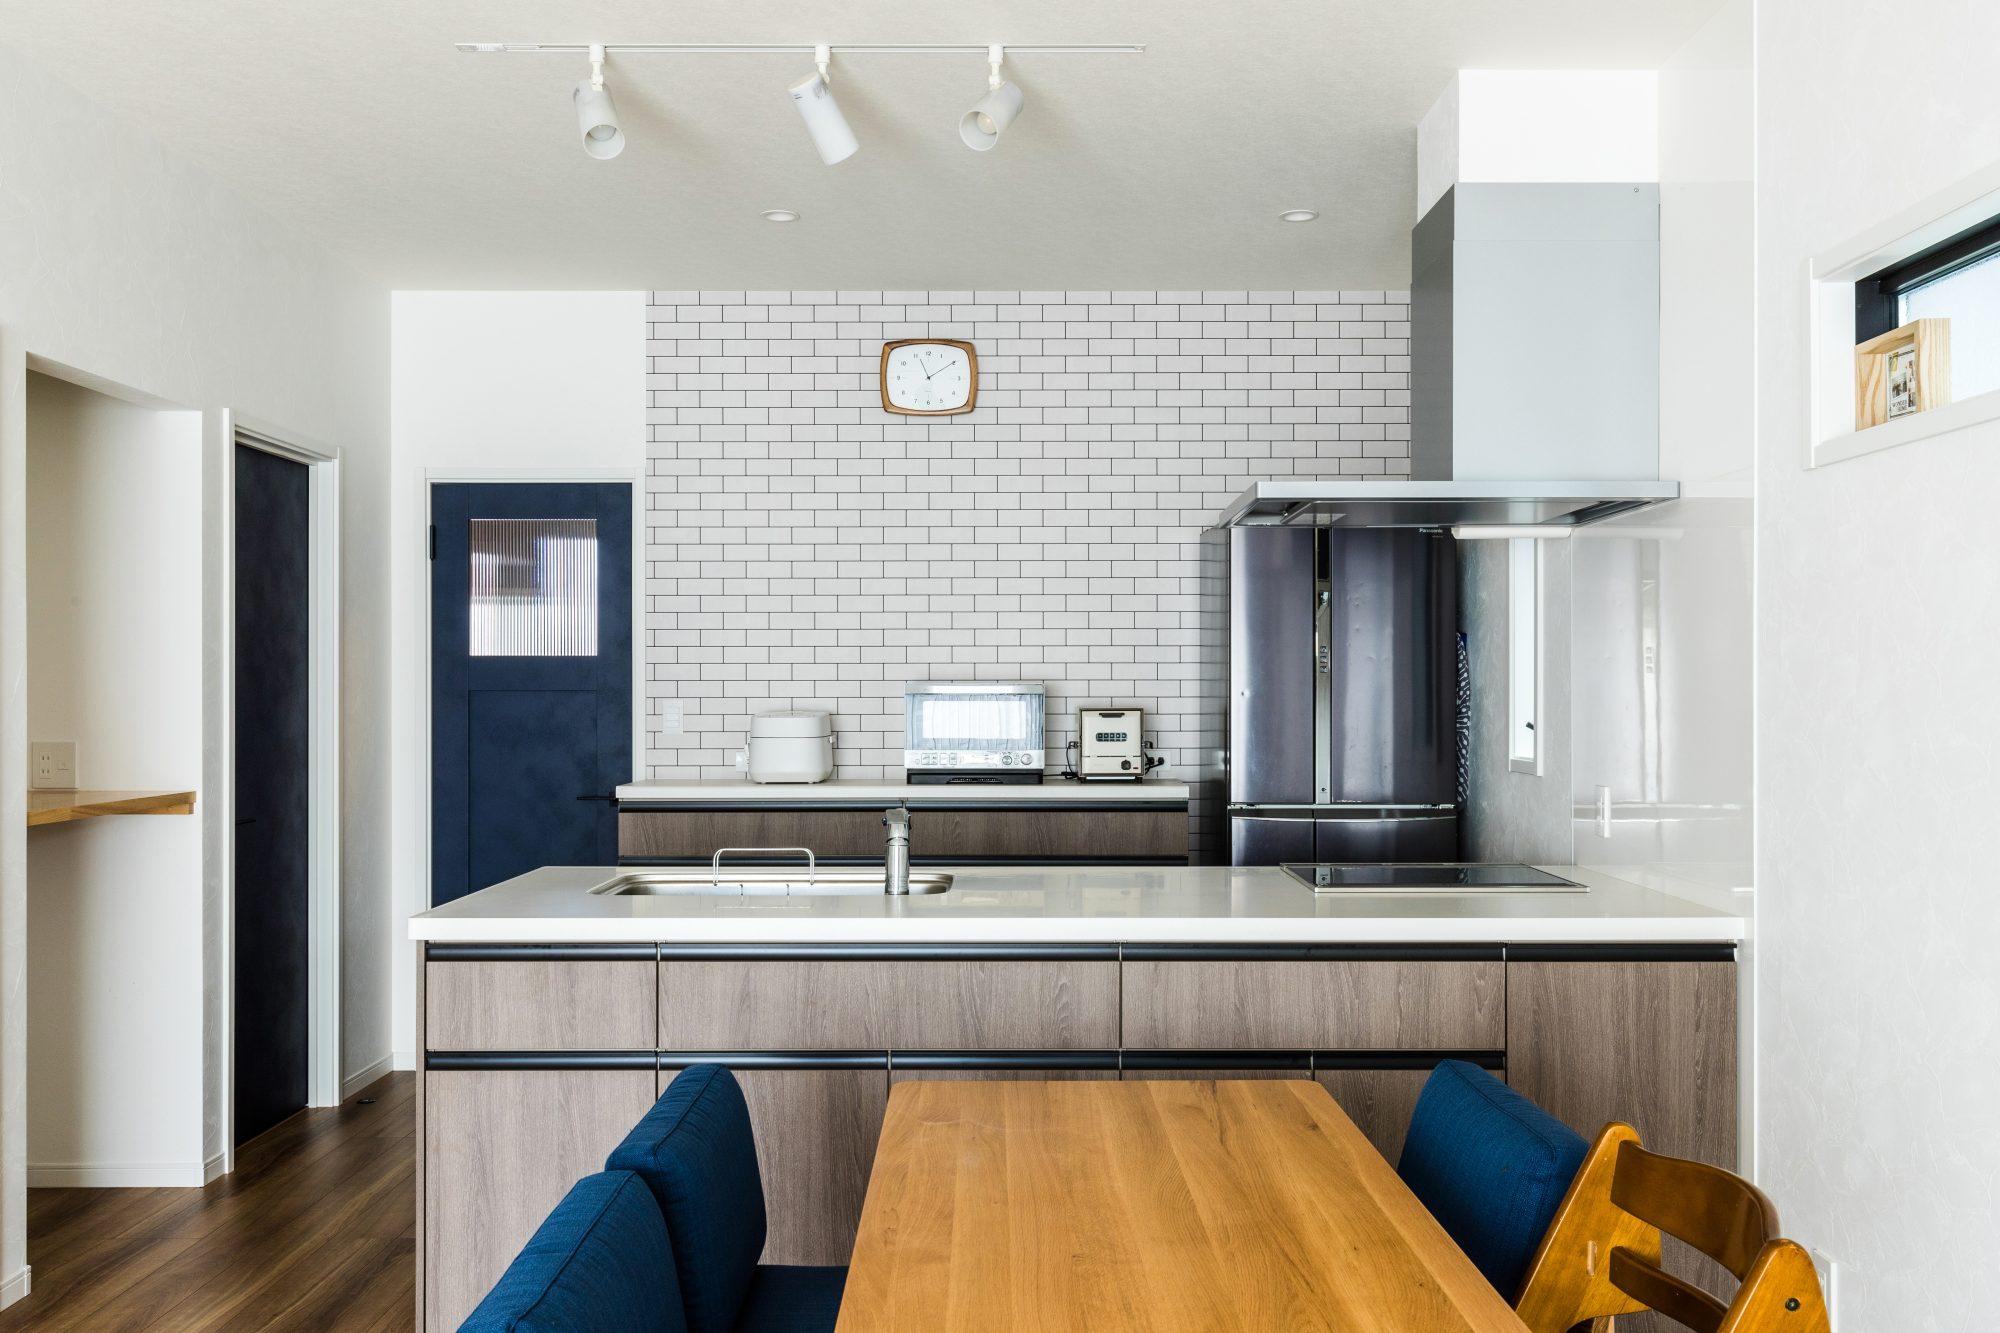 家事の快適性や収納の充実感など暮らしやすい住宅を提案します。